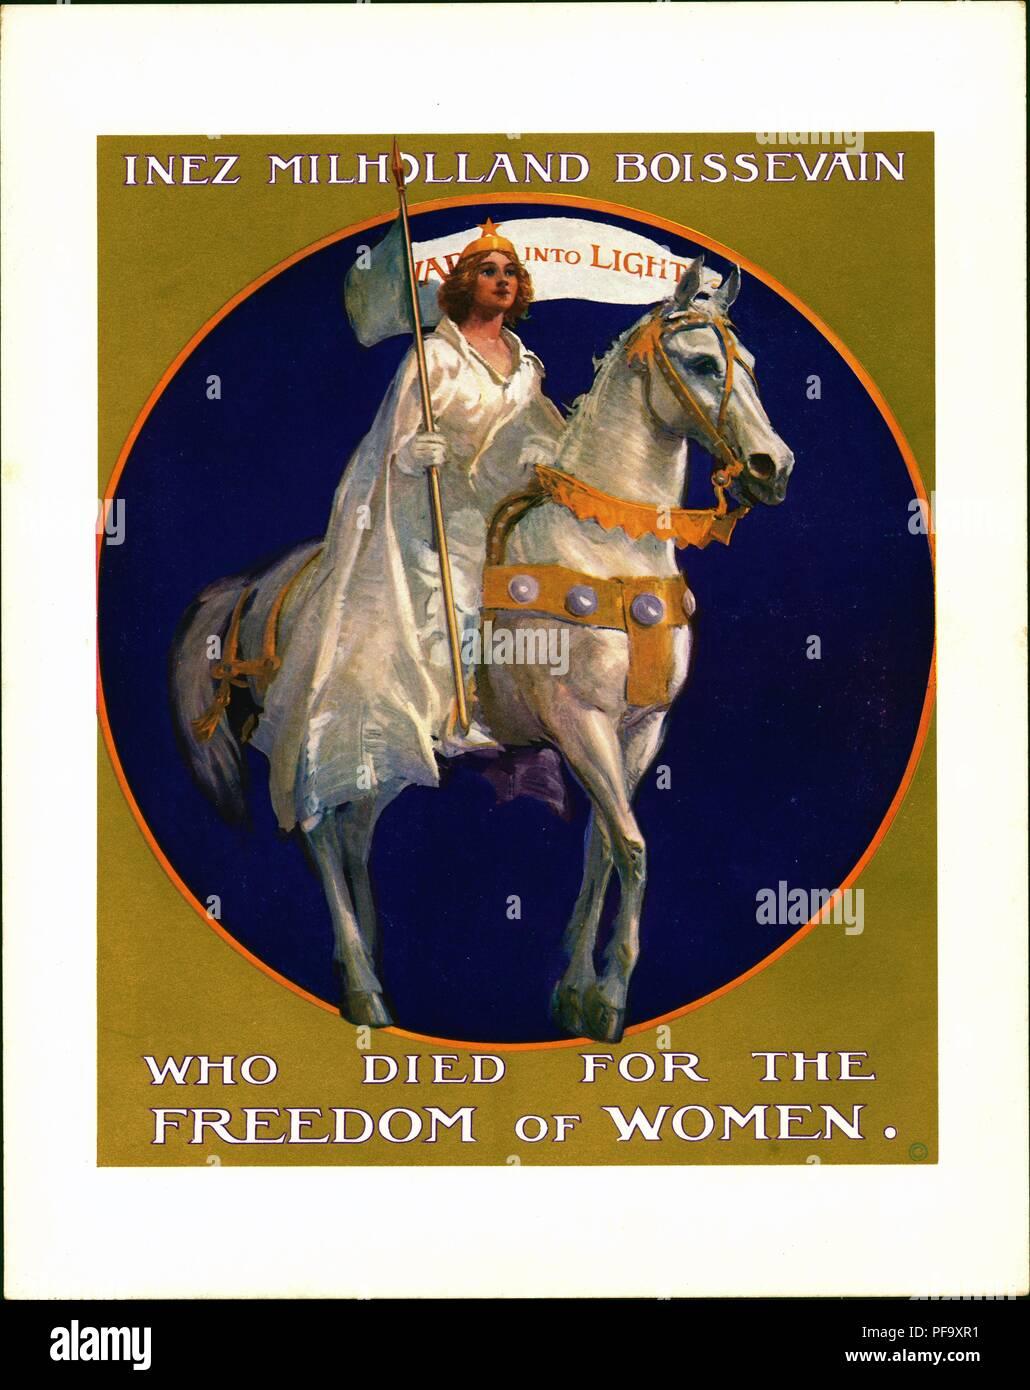 """Blanco, púrpura y oro Póster cartón reproduce una pintura (actualmente en exhibición en Washington DC Casa Sewall-Belmont) del sufragismo Inez Milholland Boissevain, quien murió durante su campaña por la causa en el oeste americano, Inez es representado en el disfraz de un mártir, vistiendo un vestido blanco y manto y sosteniendo un banderín, montando sobre un caballo blanco, con el texto 'Inez Milholland Boissevain' y 'encima que murieron por la libertad de la mujer"""", producida para el mercado americano, 1916. () Foto de stock"""